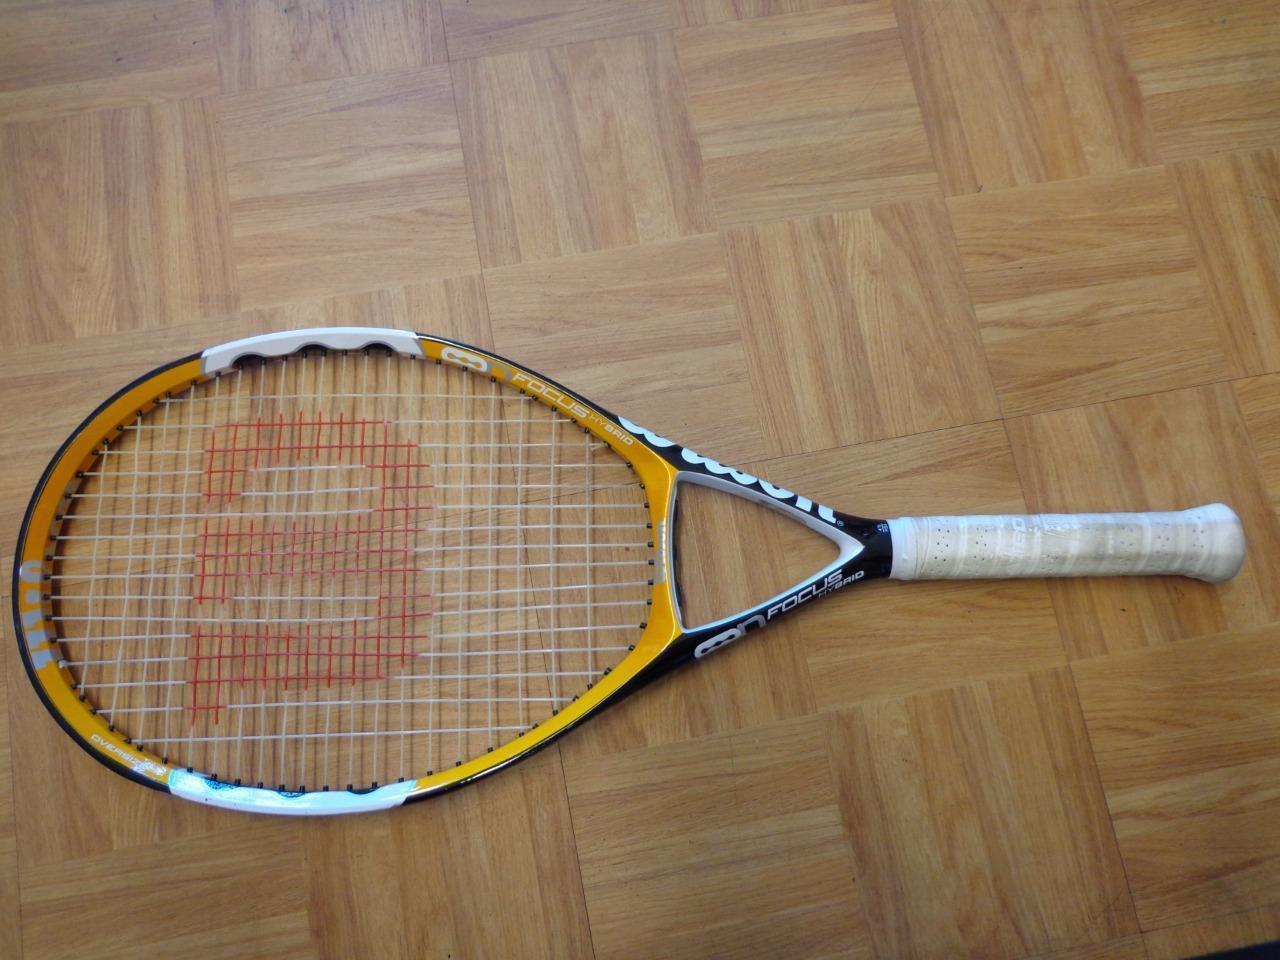 Wilson NCode N Focus Hybrid 110 head 4 1 2 grip Tennis Racquet